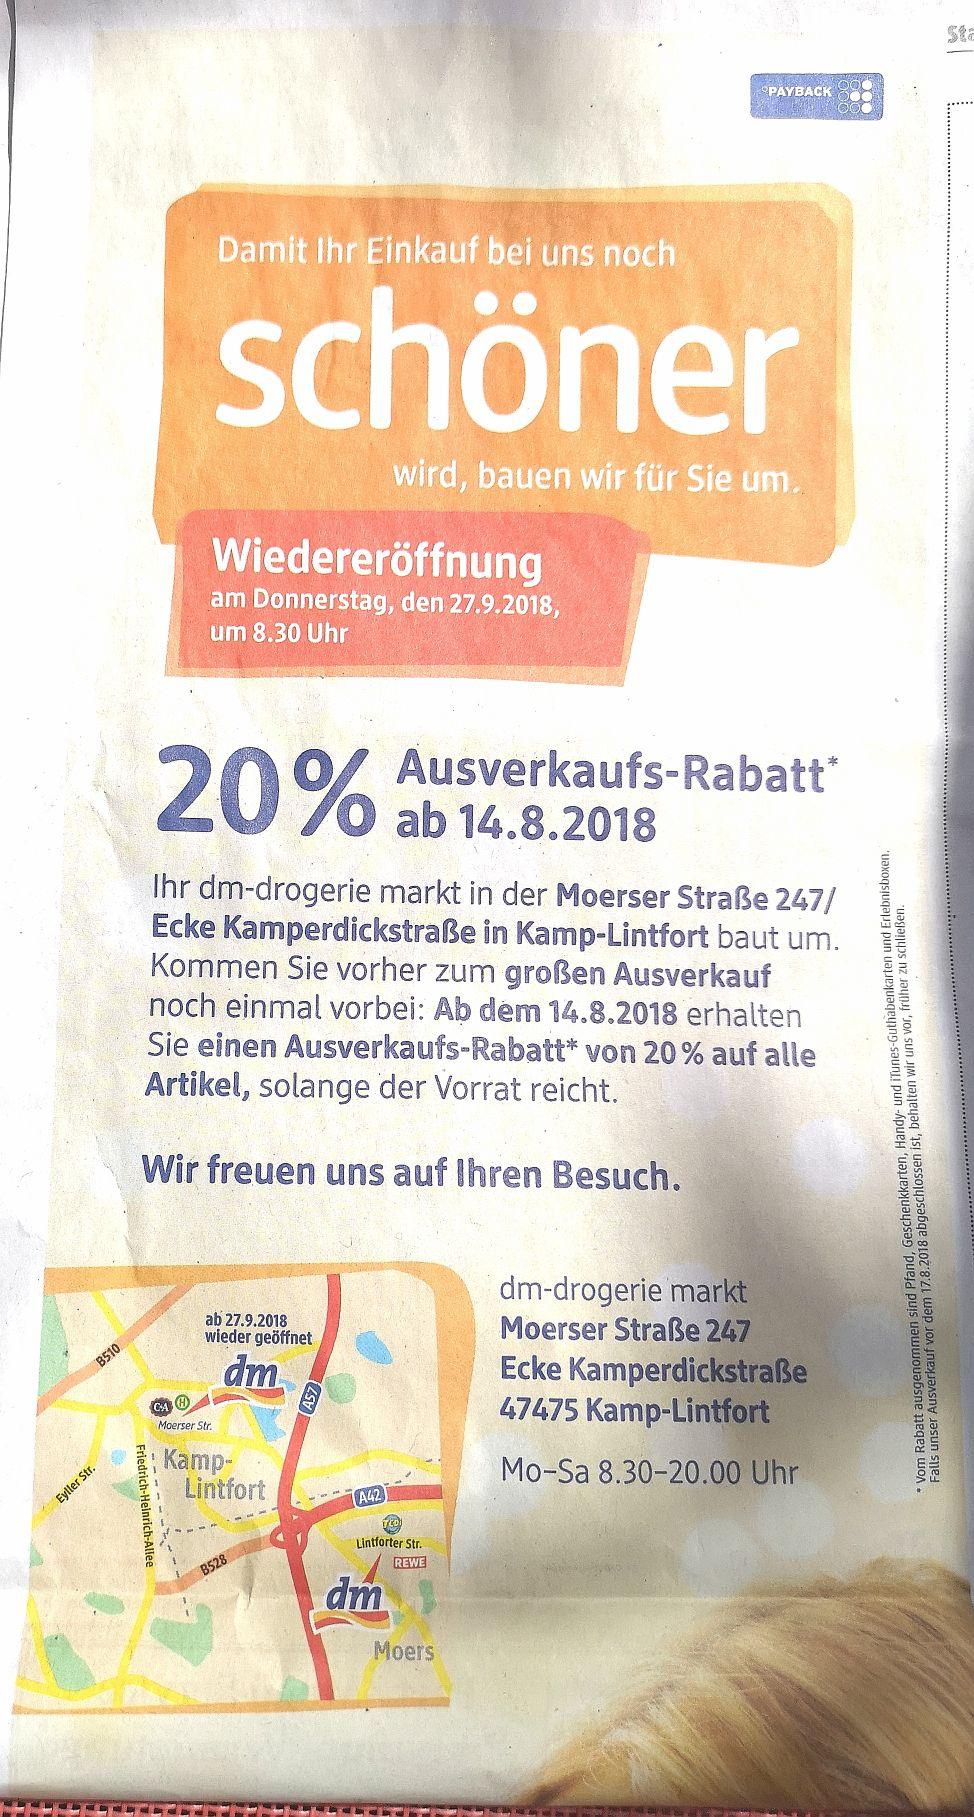 (LOKAL) 20% Ausverkaufs Rabatt* DM Drogeriemarkt Kamp-Lintfort